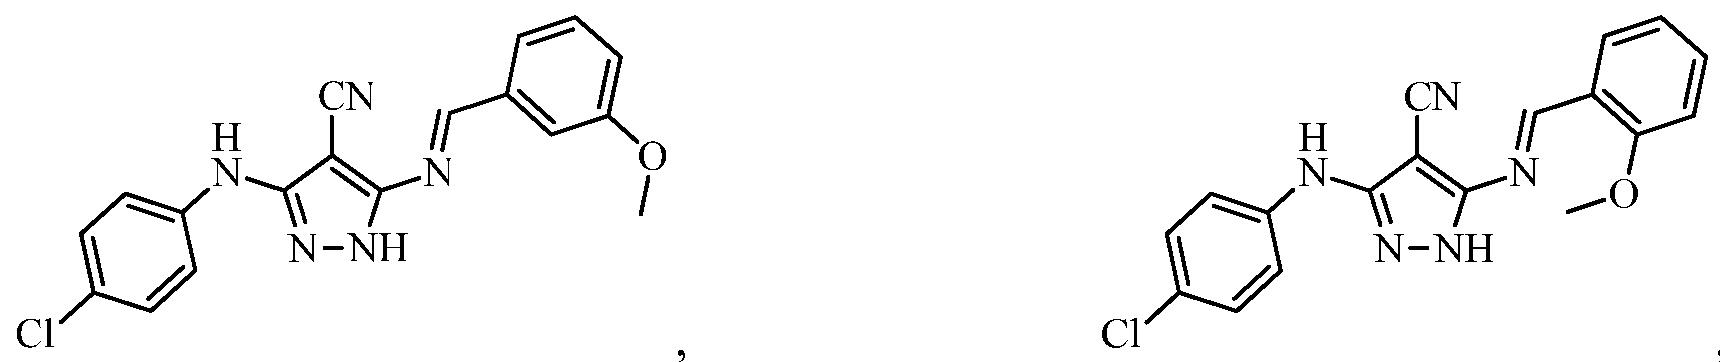 Figure imgf000163_0006